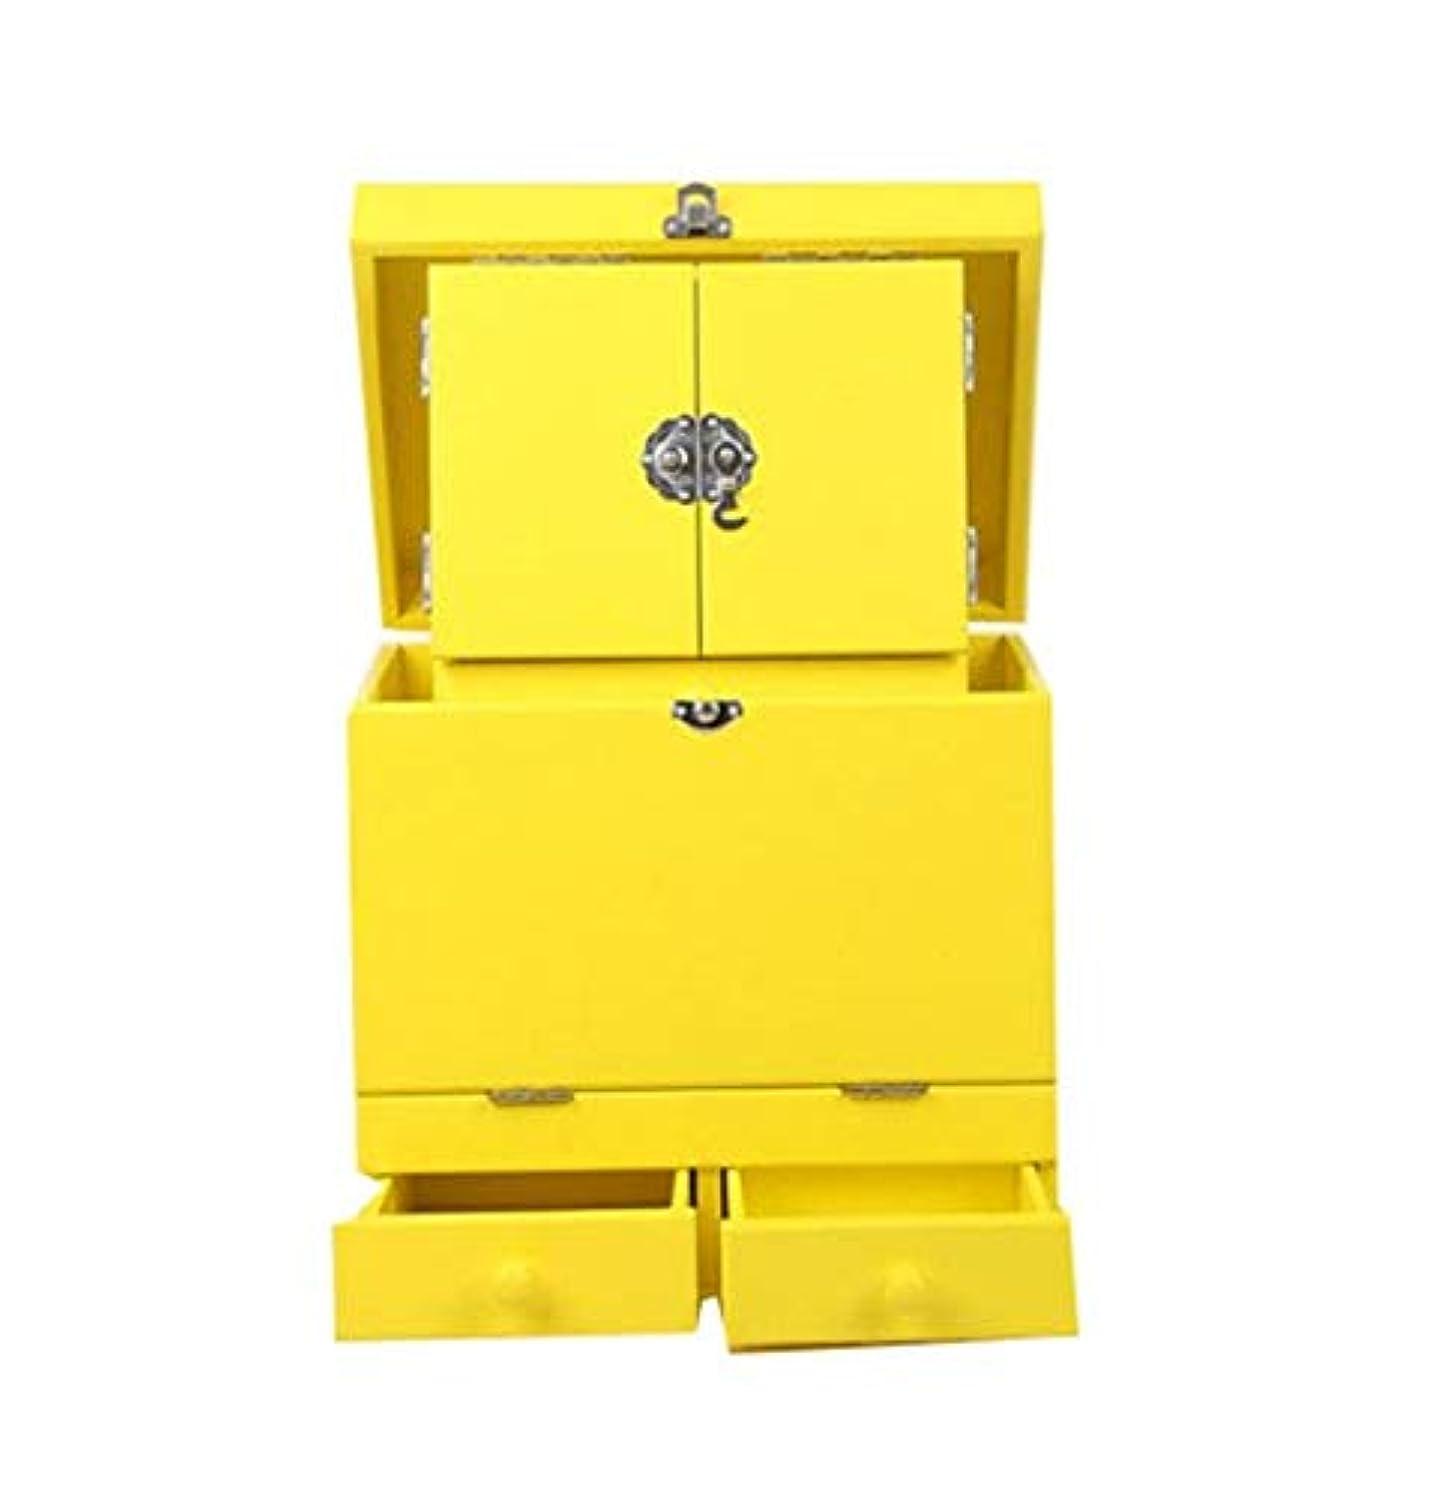 悪因子バウンド電池化粧箱、黄色のダブルデッカーヴィンテージ木製彫刻が施された化粧ケース、ミラー、高級ウェディングギフト、新築祝いギフト、美容ネイルジュエリー収納ボックス